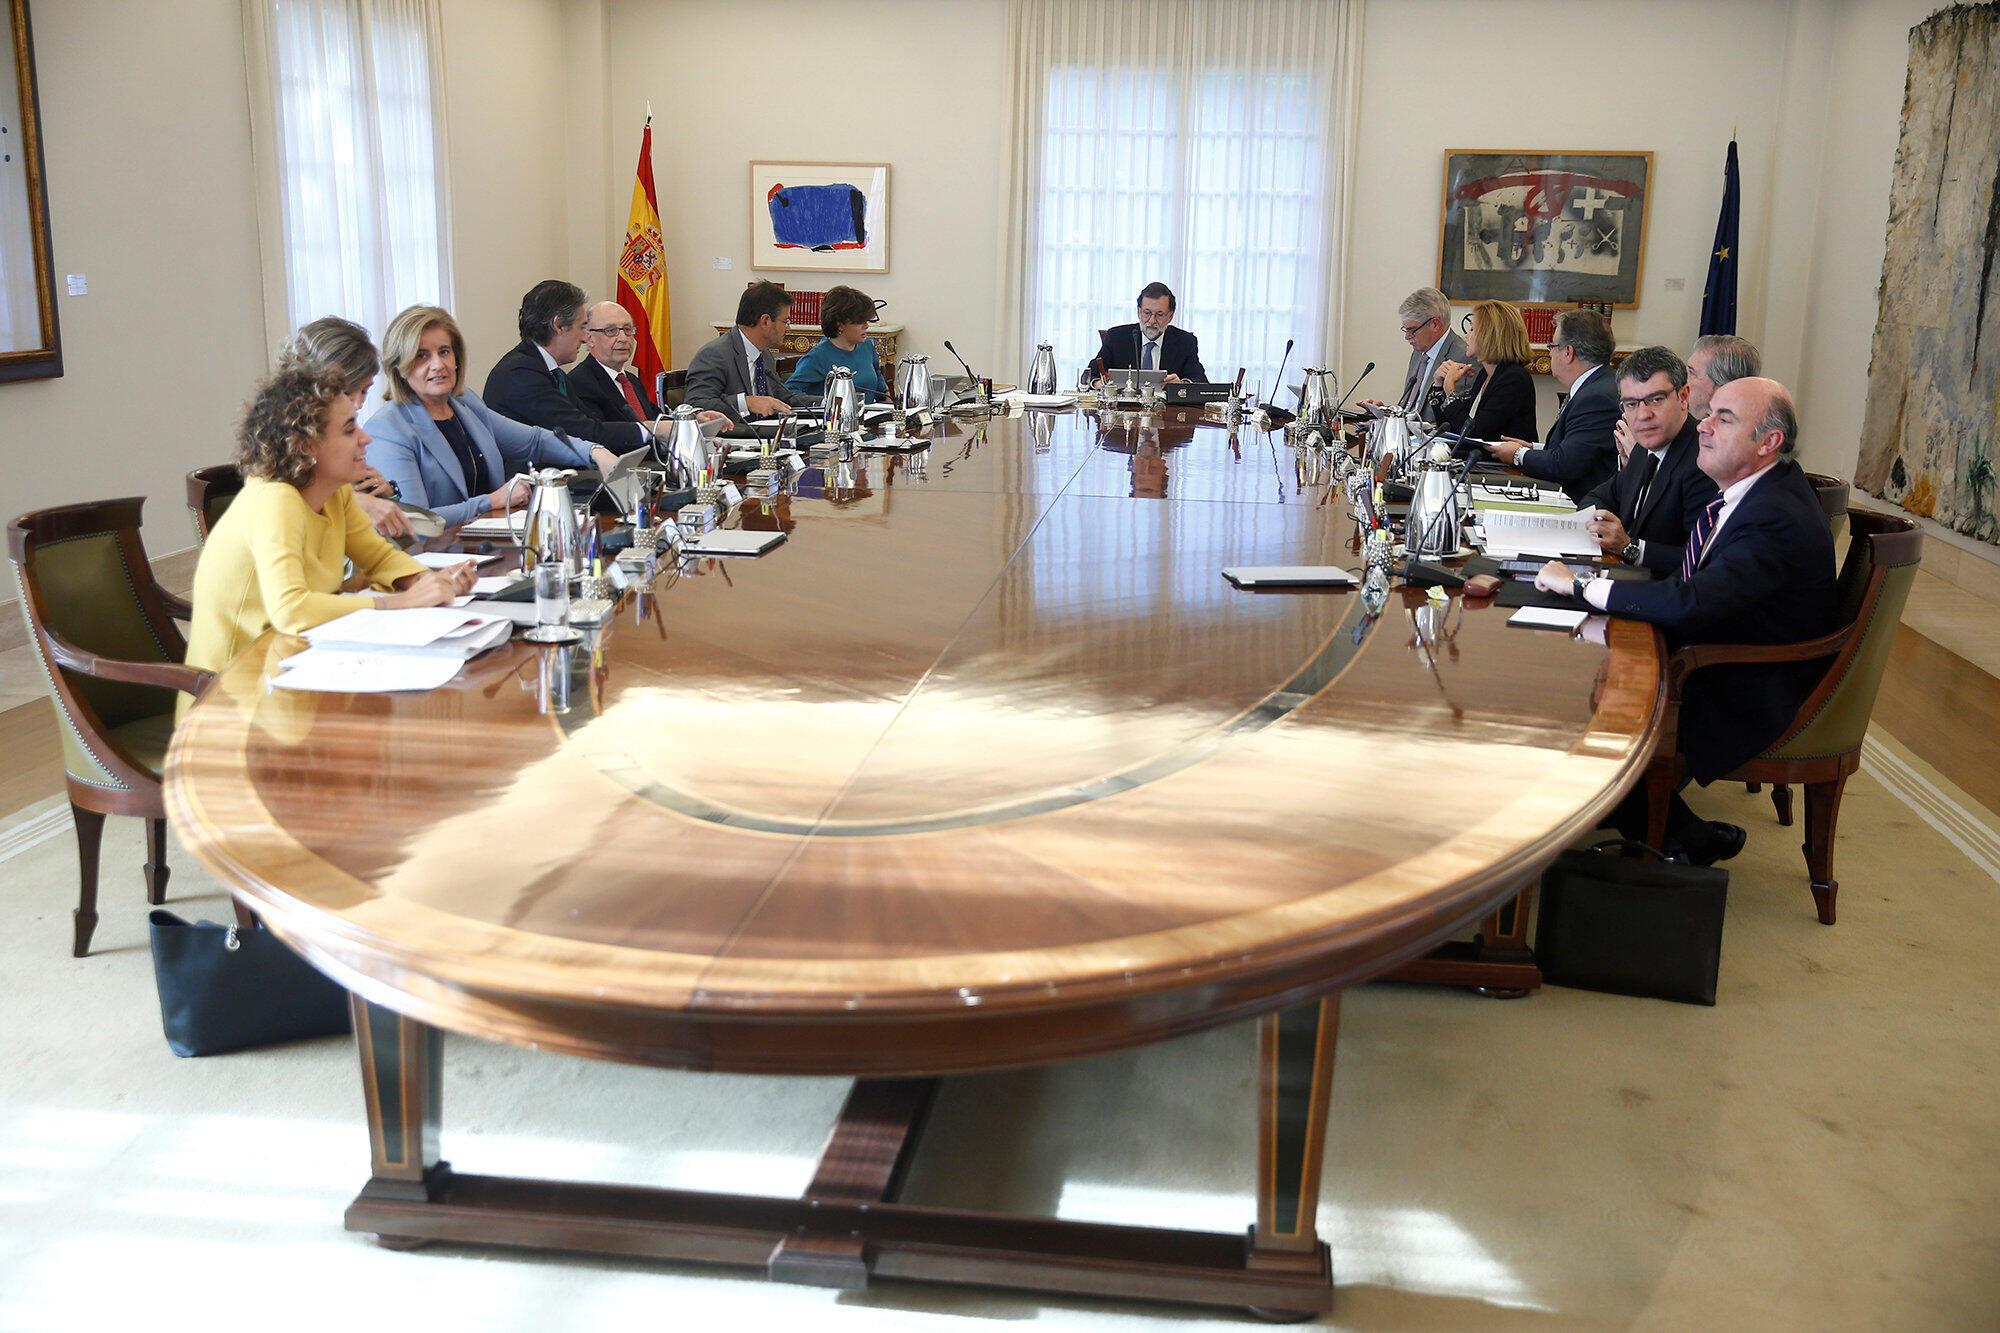 Le Conseil des ministres extraordinaire réuni par le chef du gouvernement espagnol Mariano Rajoy doit étudier la mise en application de l'article 155 de la Constitution.